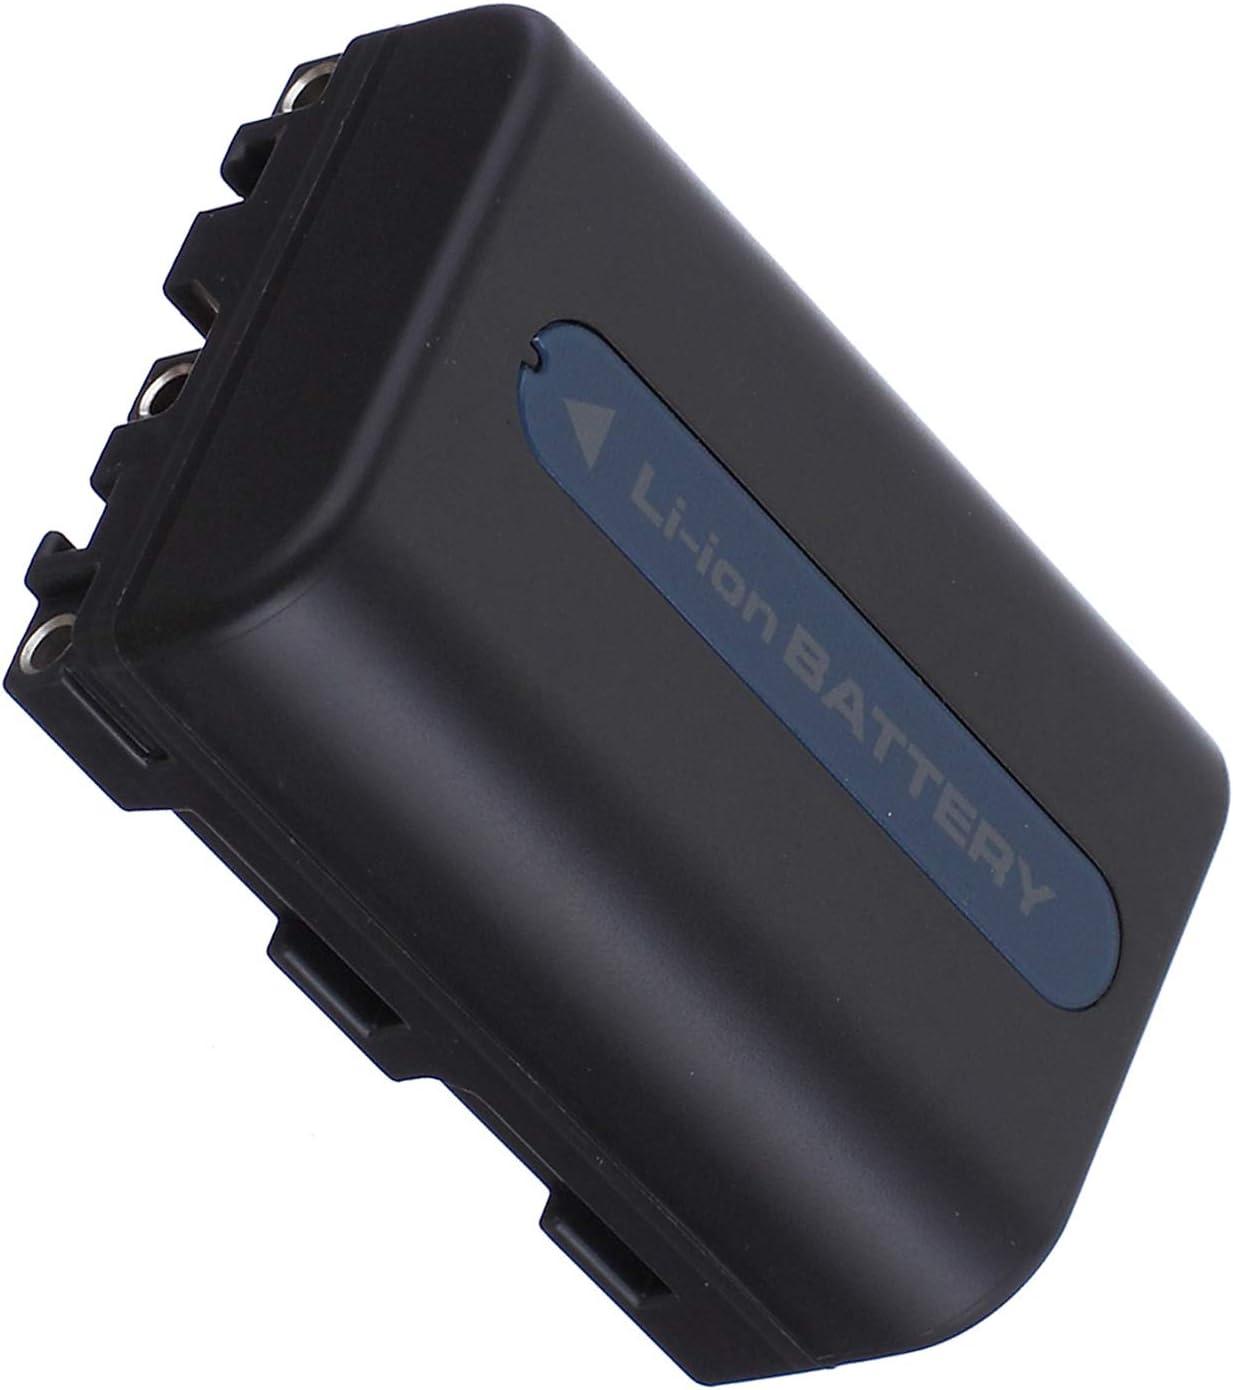 Battery Pack for Sony DCR-TRV20 DCR-TRV22 DCR-TRV24 DCR-TRV24E MiniDV Handycam Camcorder DCR-TRV22E DCR-TRV20E